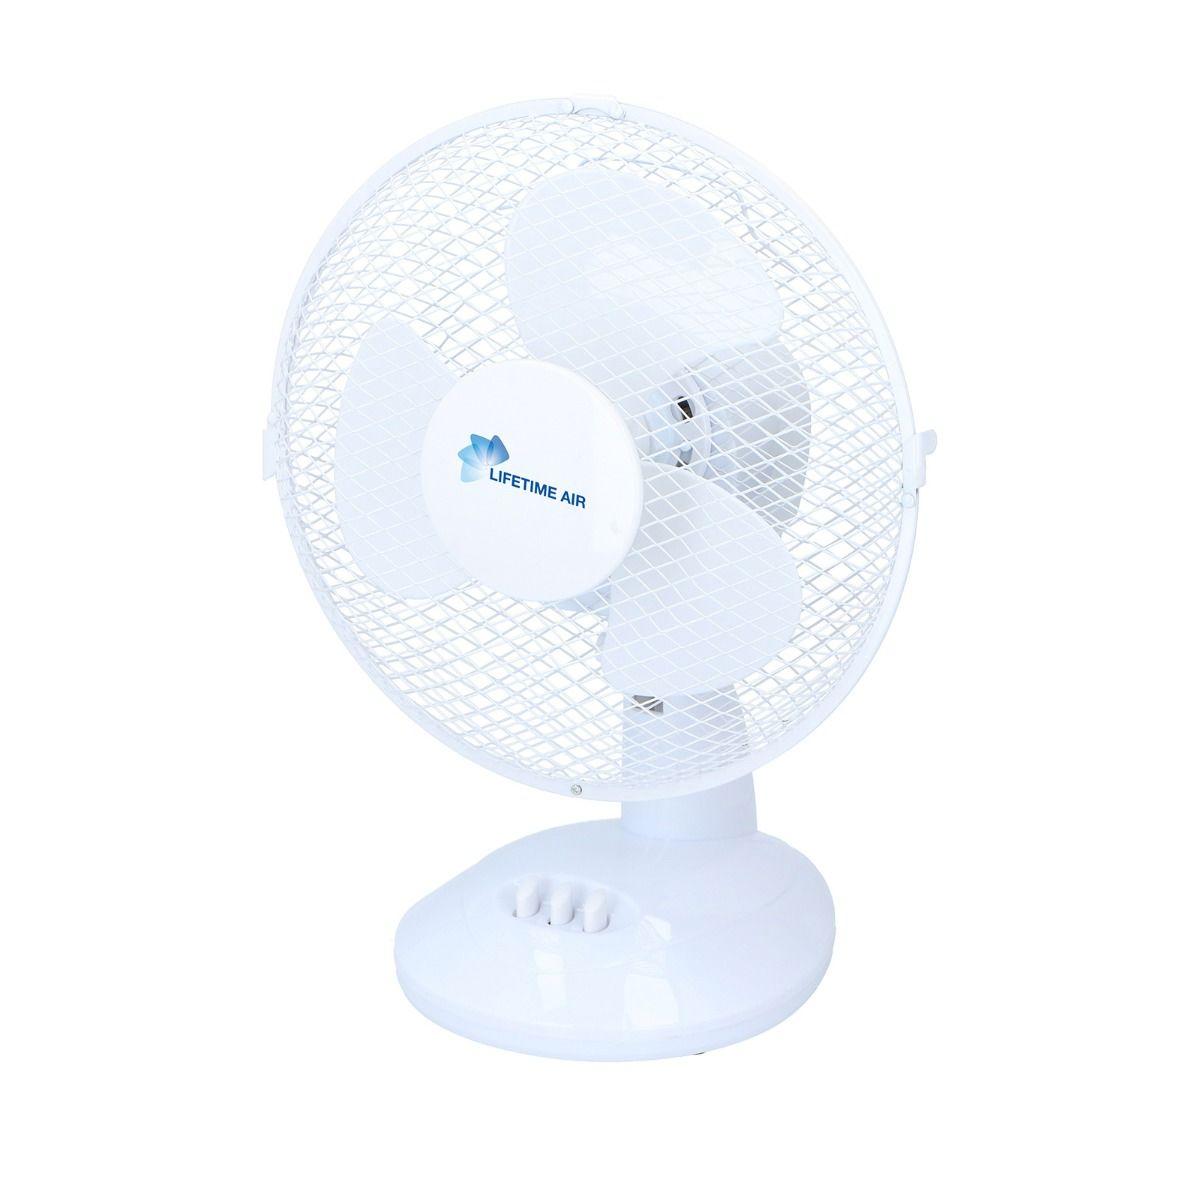 Ventilateur de table Lifetime Air, diamètre 7 cm